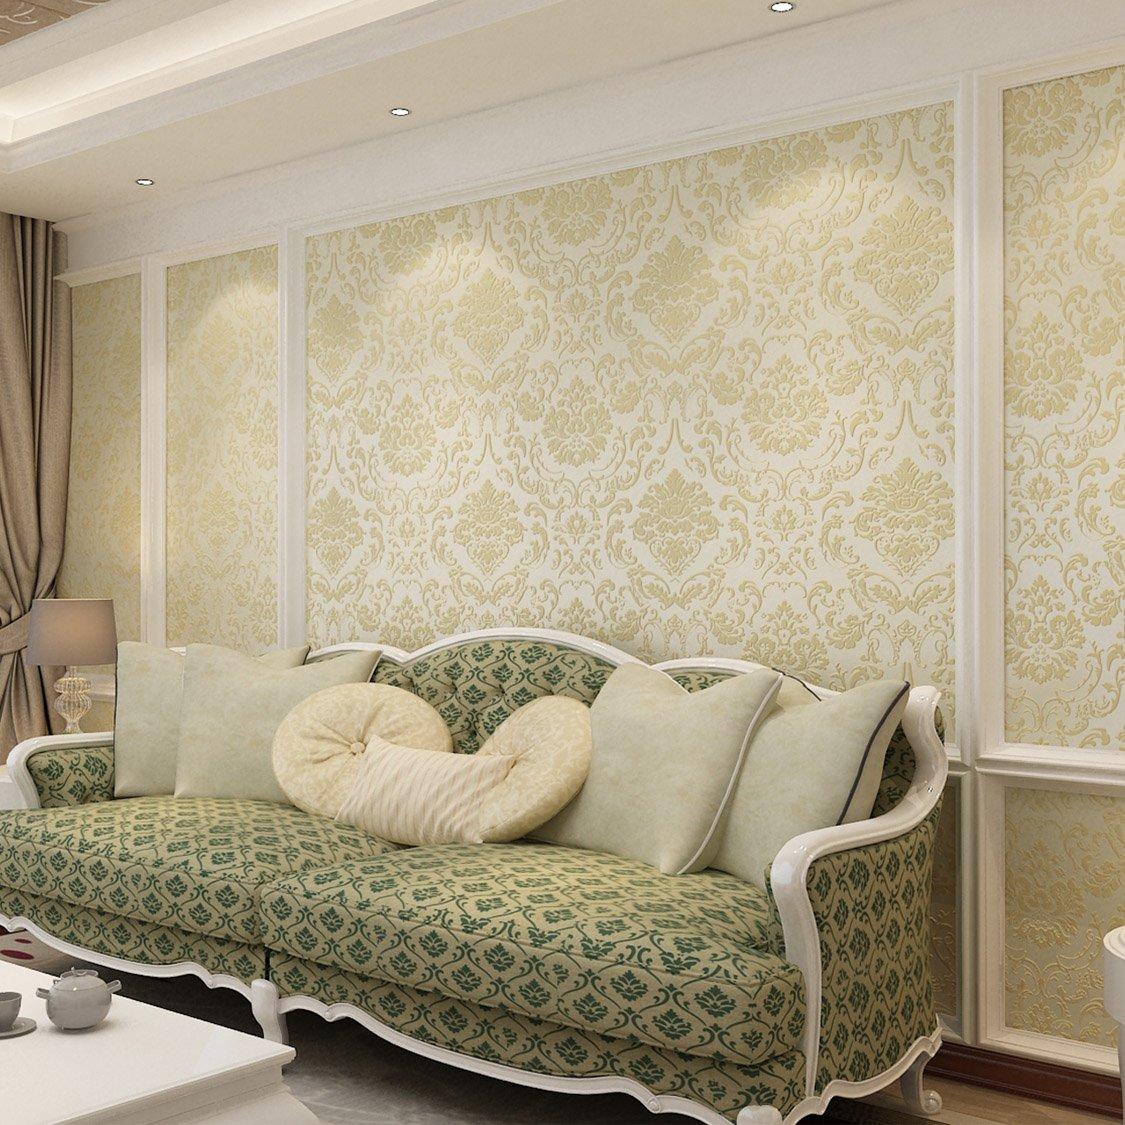 本木 简欧式3d电视背景墙纸卧室大马士革绿色环保无纺布壁纸客厅(黑色